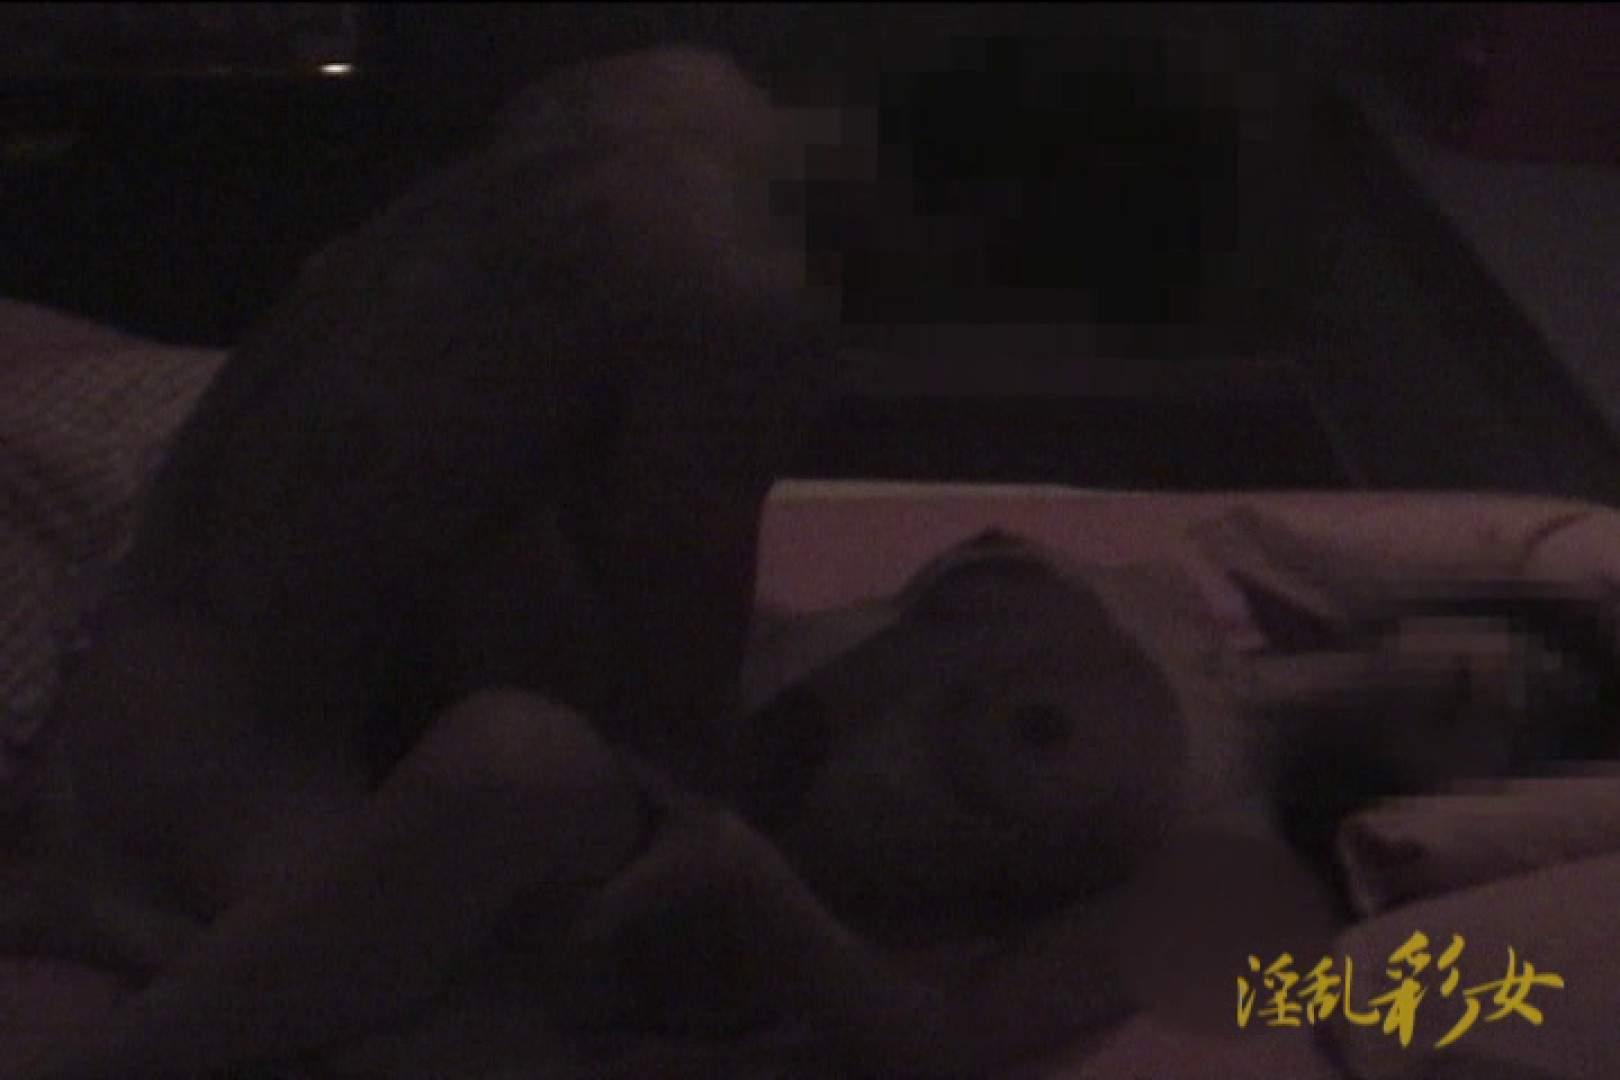 淫乱彩女 麻優里 旦那の前で王様ゲーム 淫乱 | ホテル隠し撮り  85pic 81